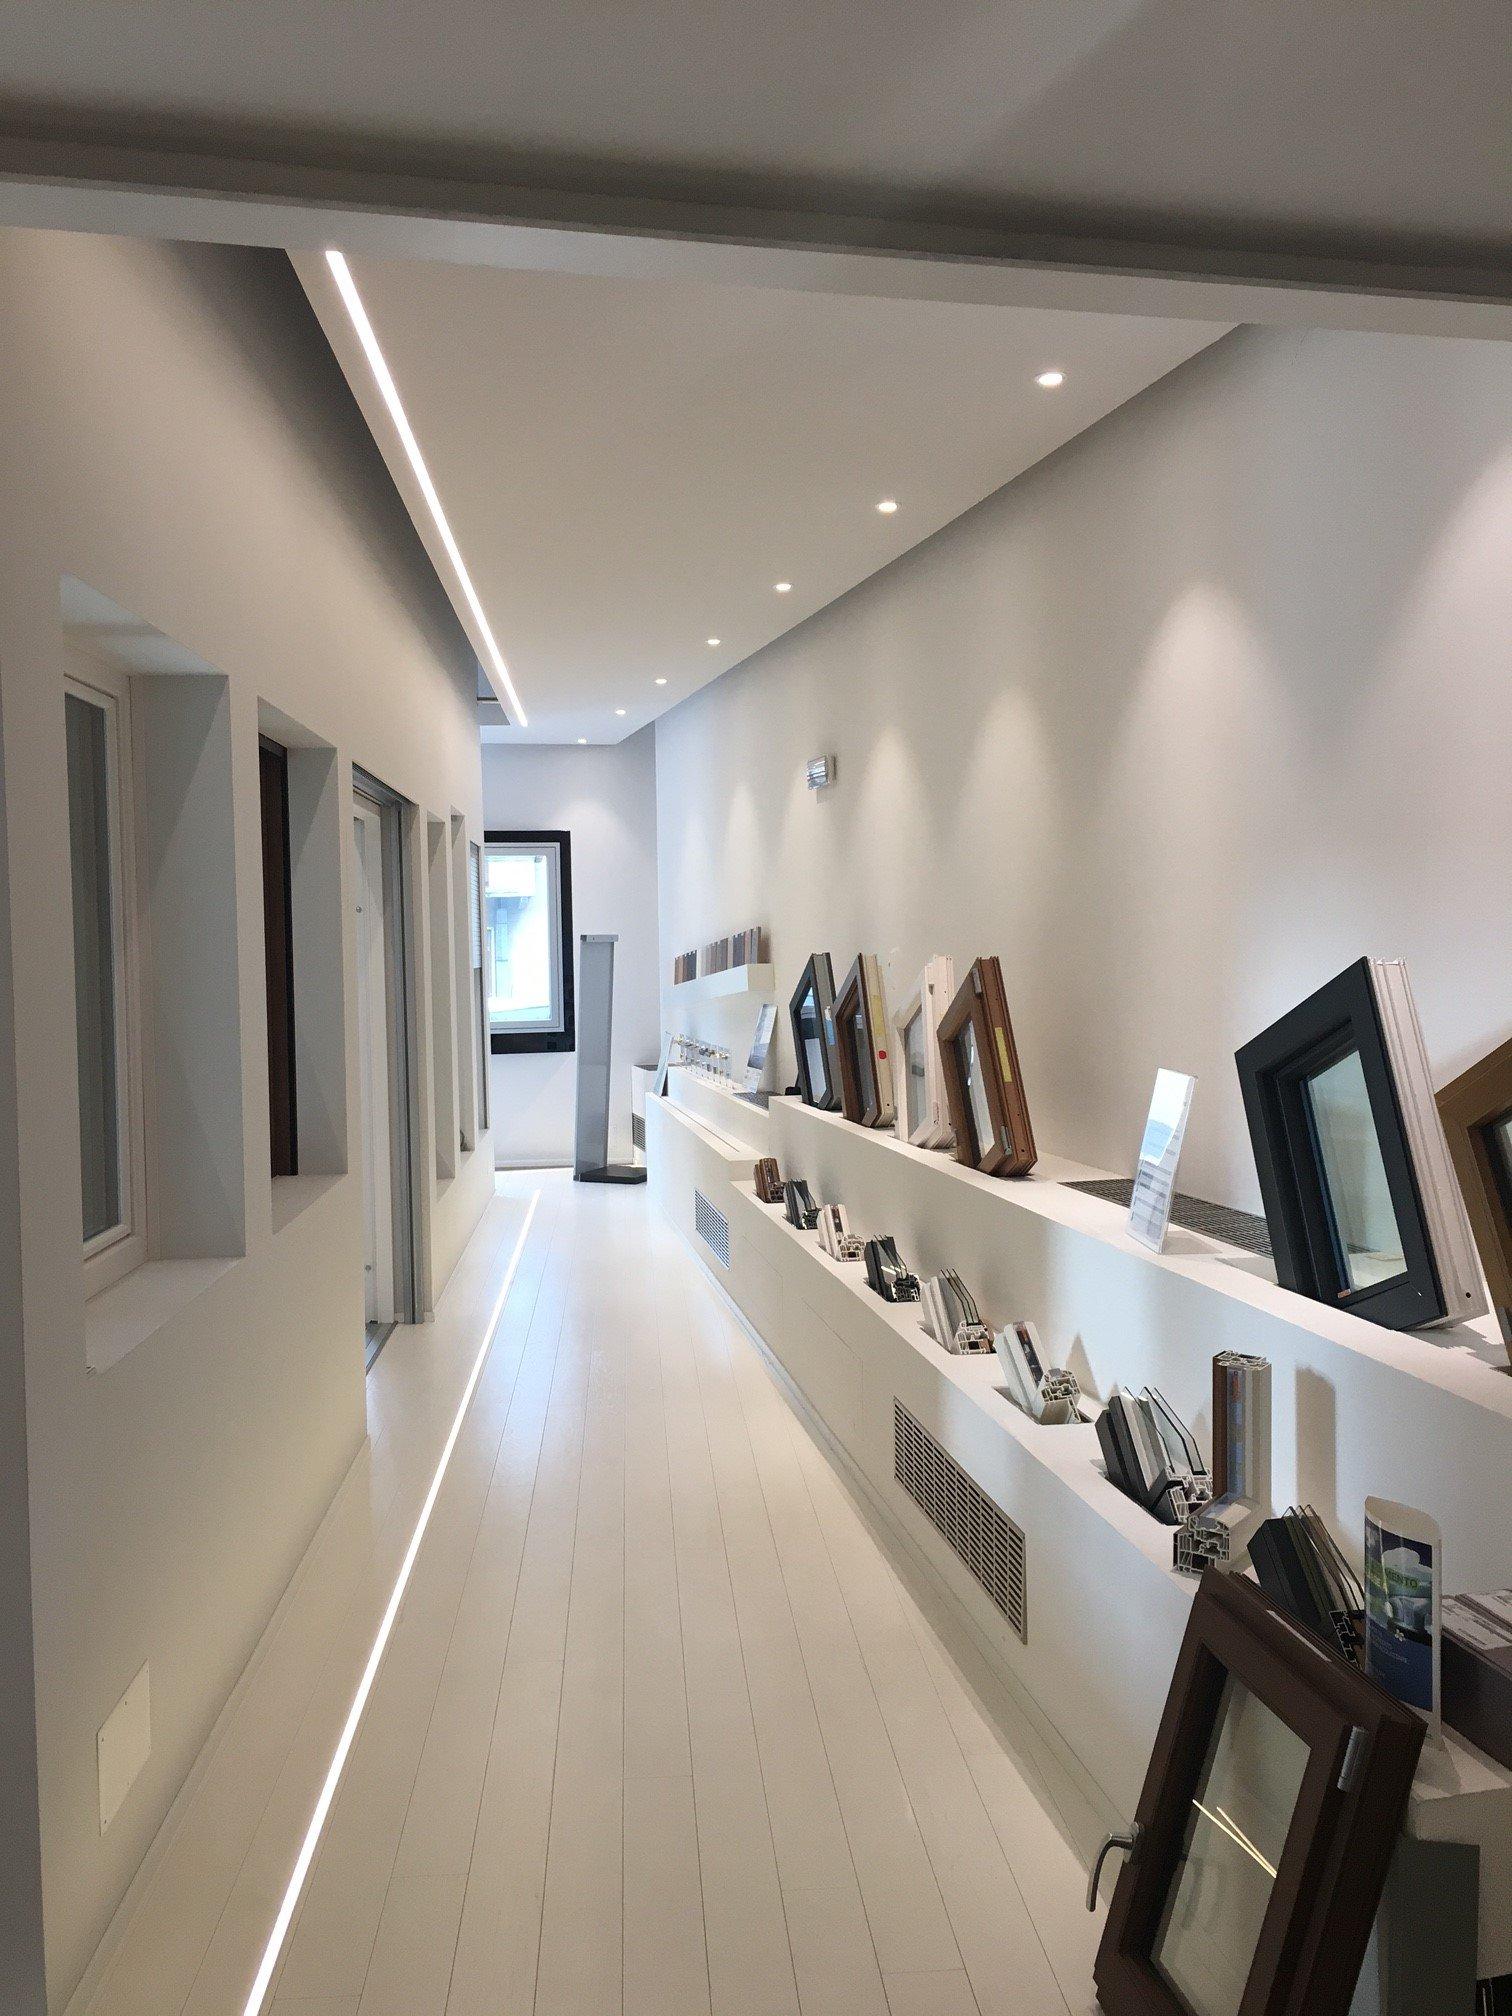 Showroom finestre e cornici per finestre